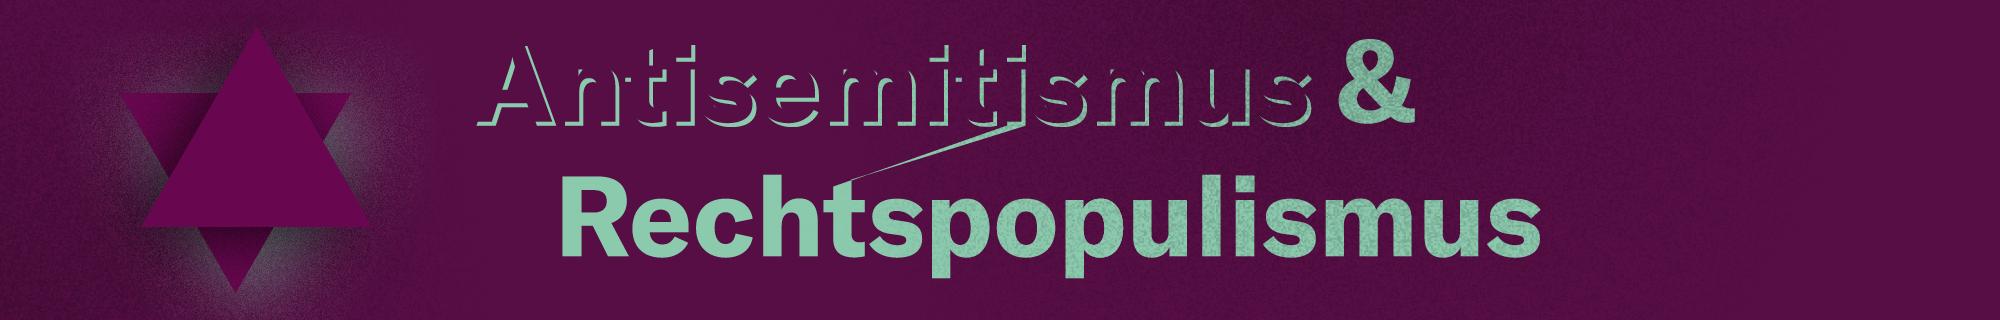 Zum Verhältnis von Antisemitismus & Rechtspopulismus – Veranstaltungsreihe an der Universität Hamburg & HAW Hamburg. Oktober –  November 2017